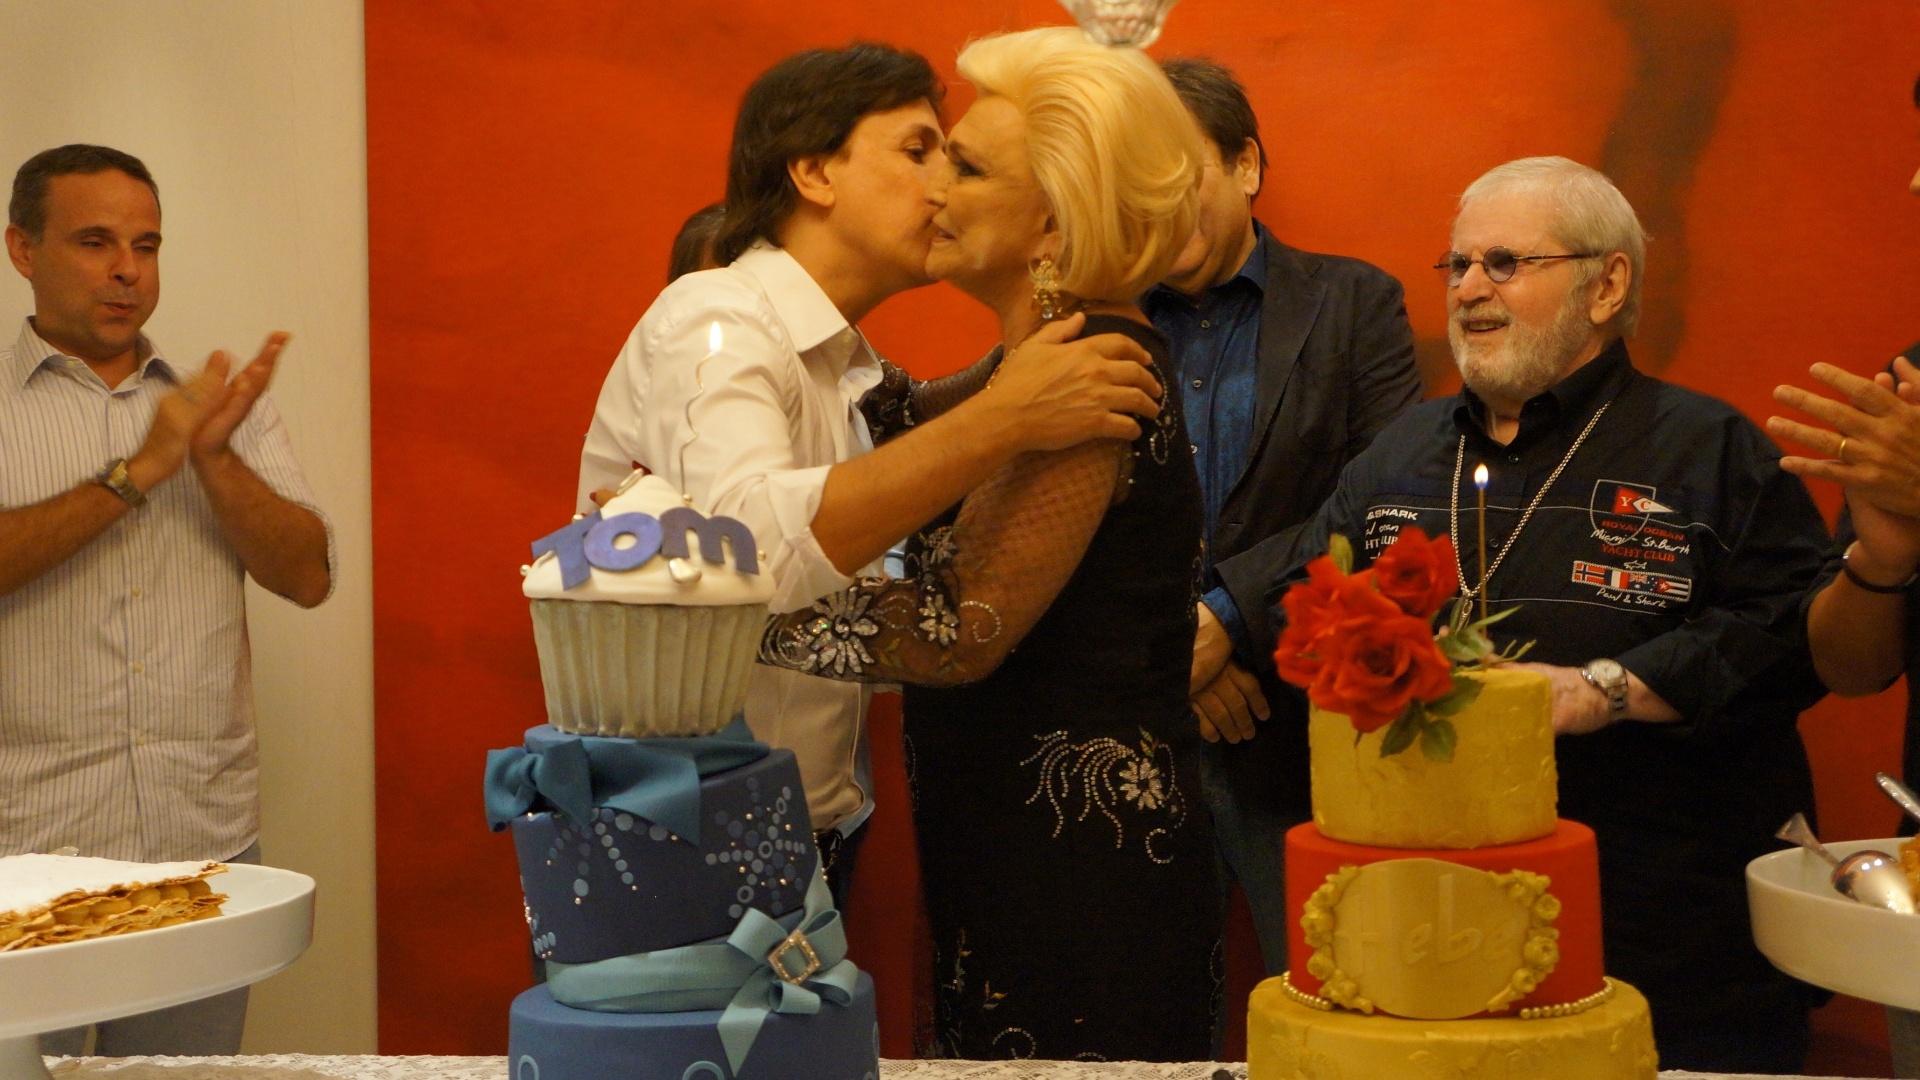 Tom Cavalcante comemorou a chegada aos 50 anos em um jantar na noite da quinta-feira (8/3/12). Hebe Camargo, que faz aniversário na mesma data, prestigiou a comemoração e ganhou um bolo do humorista. Jô Soares e Faustão também compareceram.